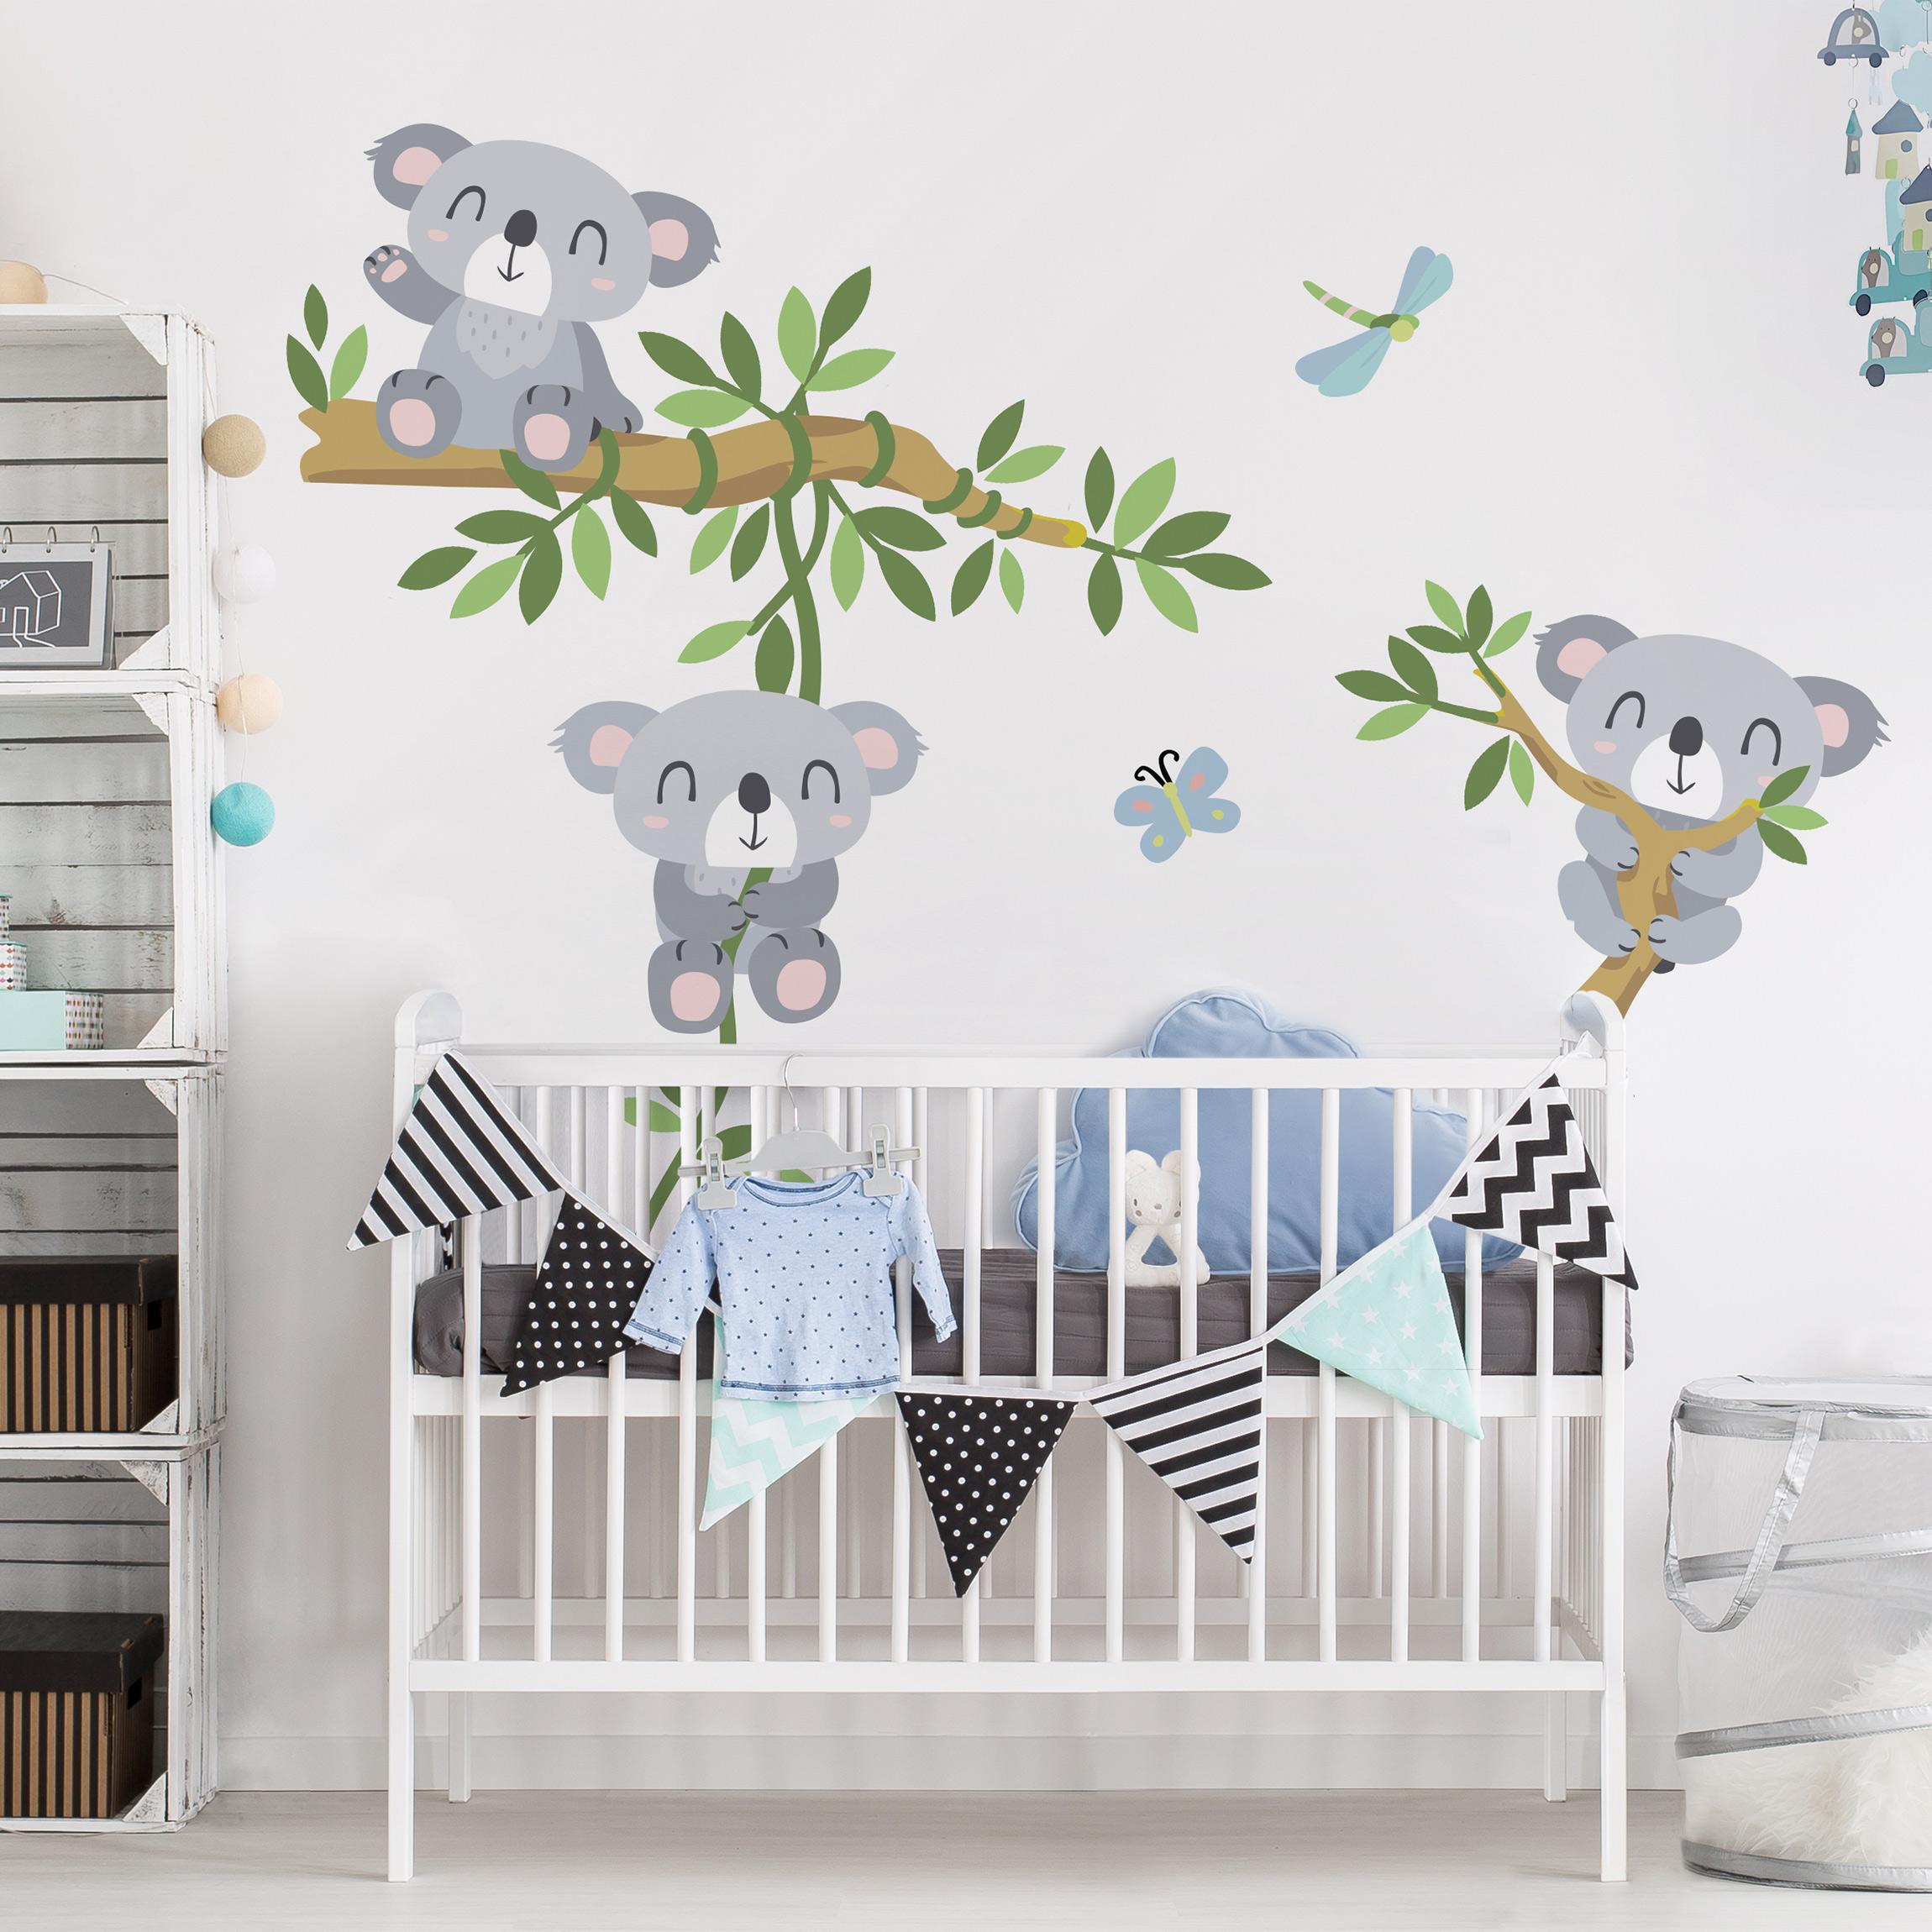 Full Size of Wandtattoo Kinderzimmer Koala Set Großes Bild Wohnzimmer Wandbild Sofa Regale Moderne Bilder Fürs Glasbilder Küche Regal Weiß Wandbilder Modern Bad Kinderzimmer Bild Kinderzimmer